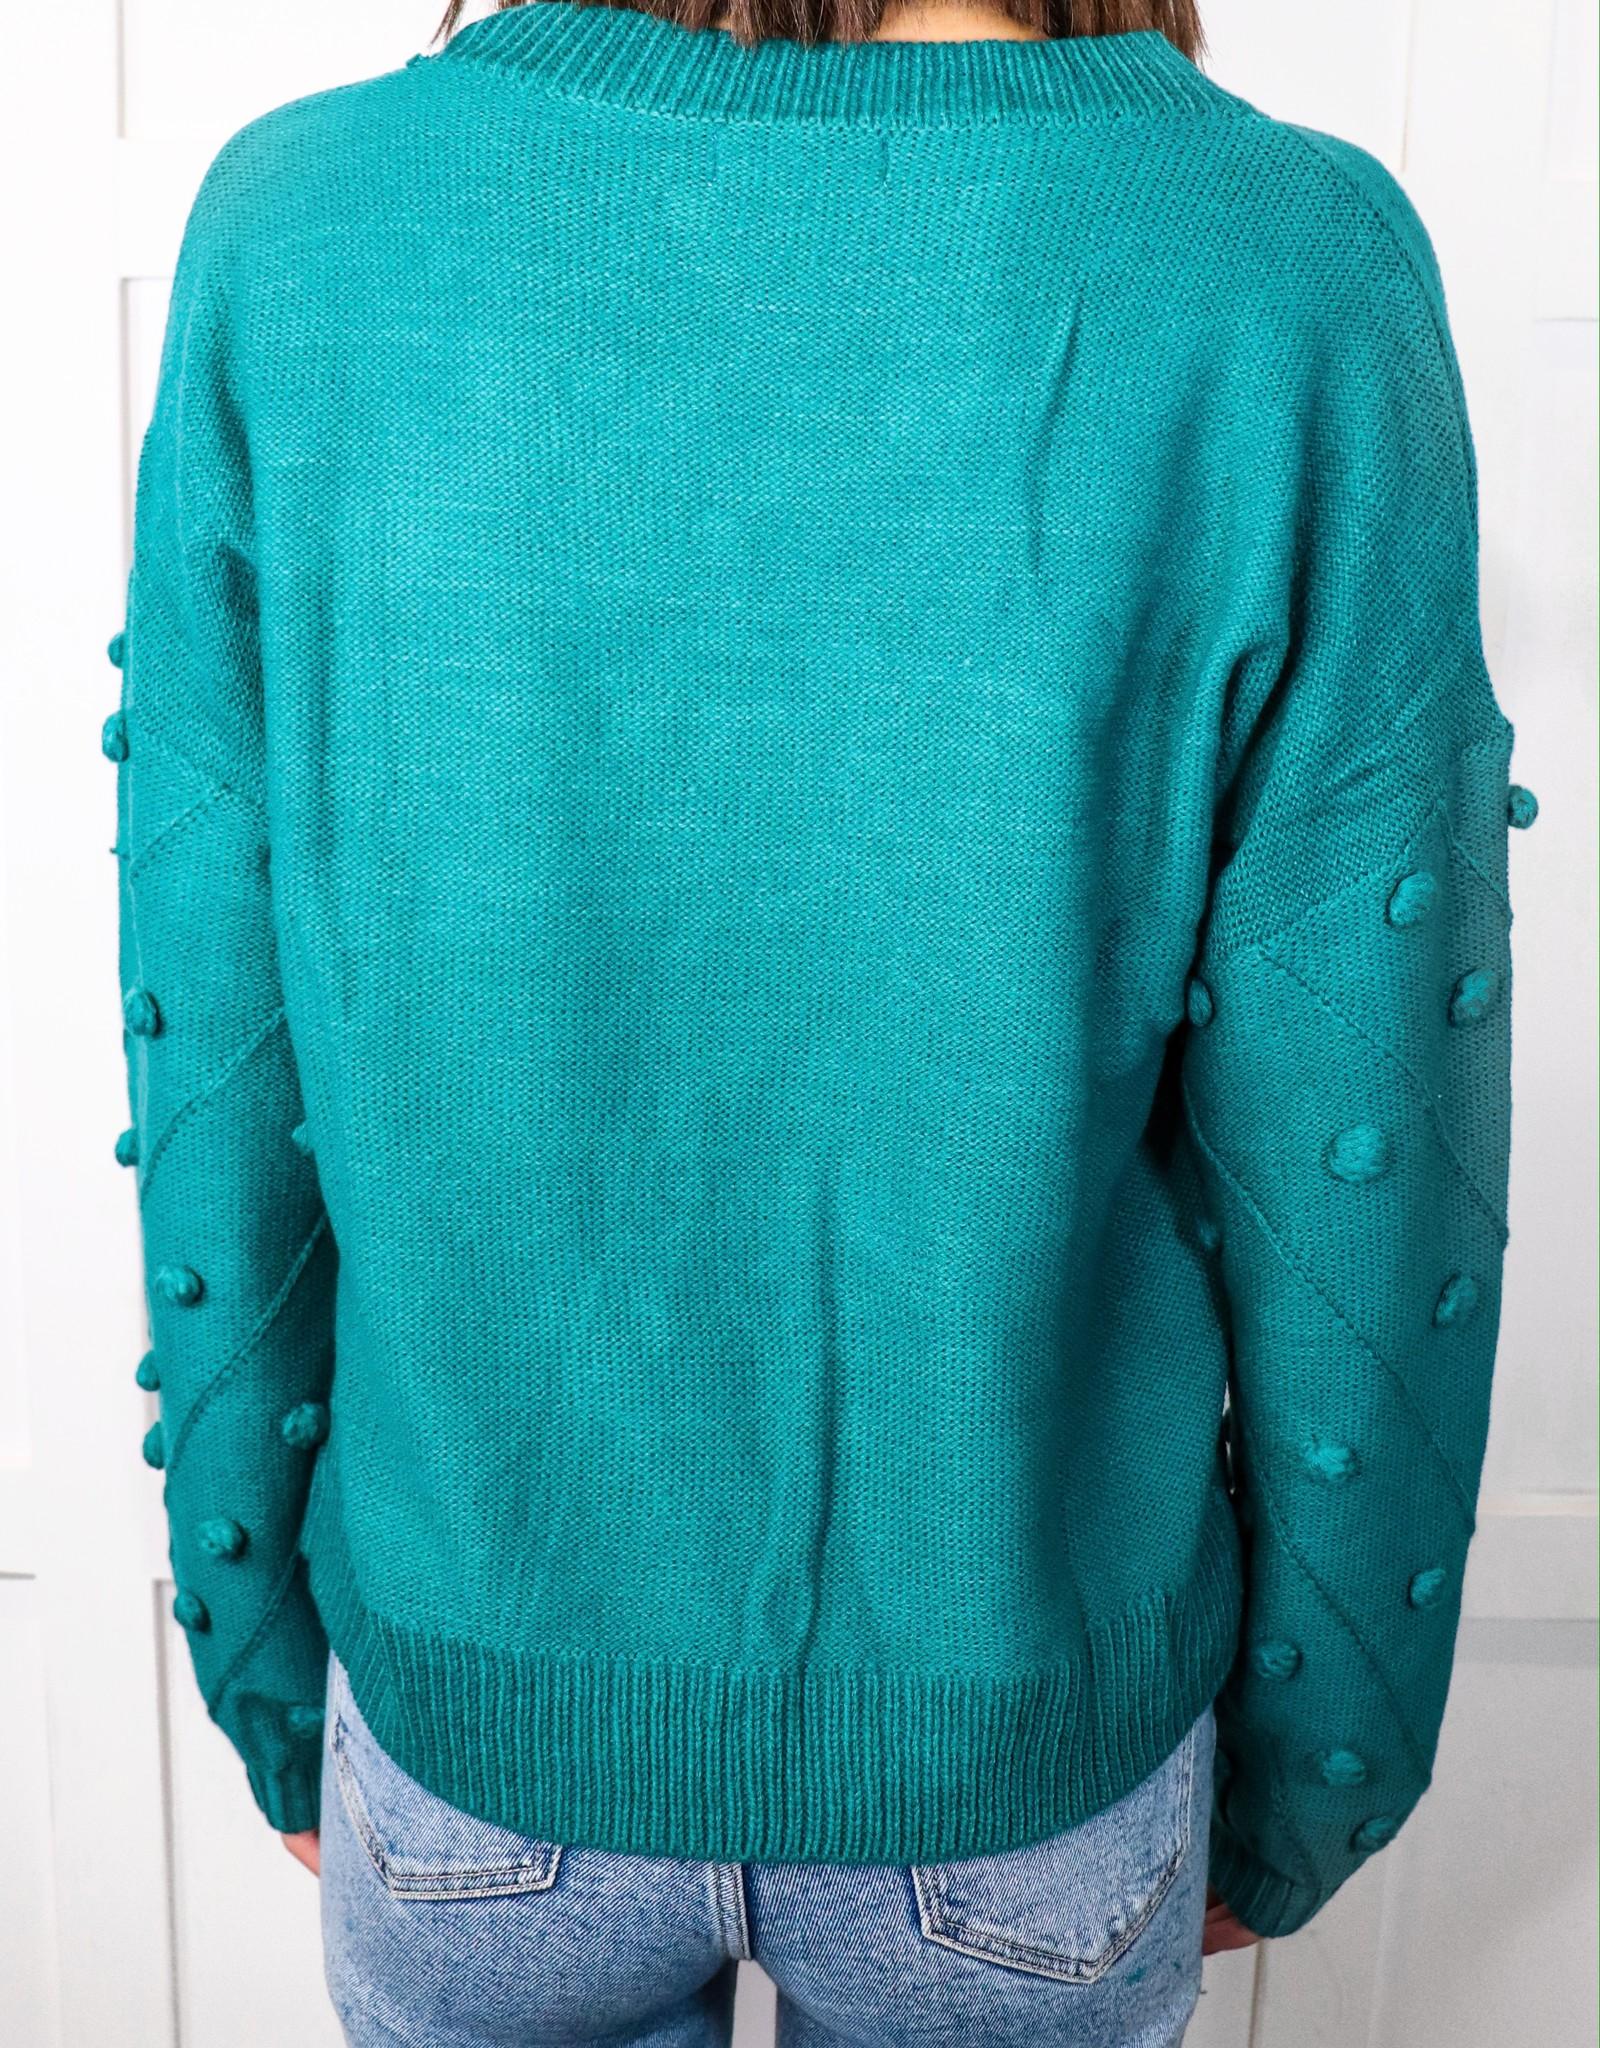 HUSH Pom pom sleeve sweater